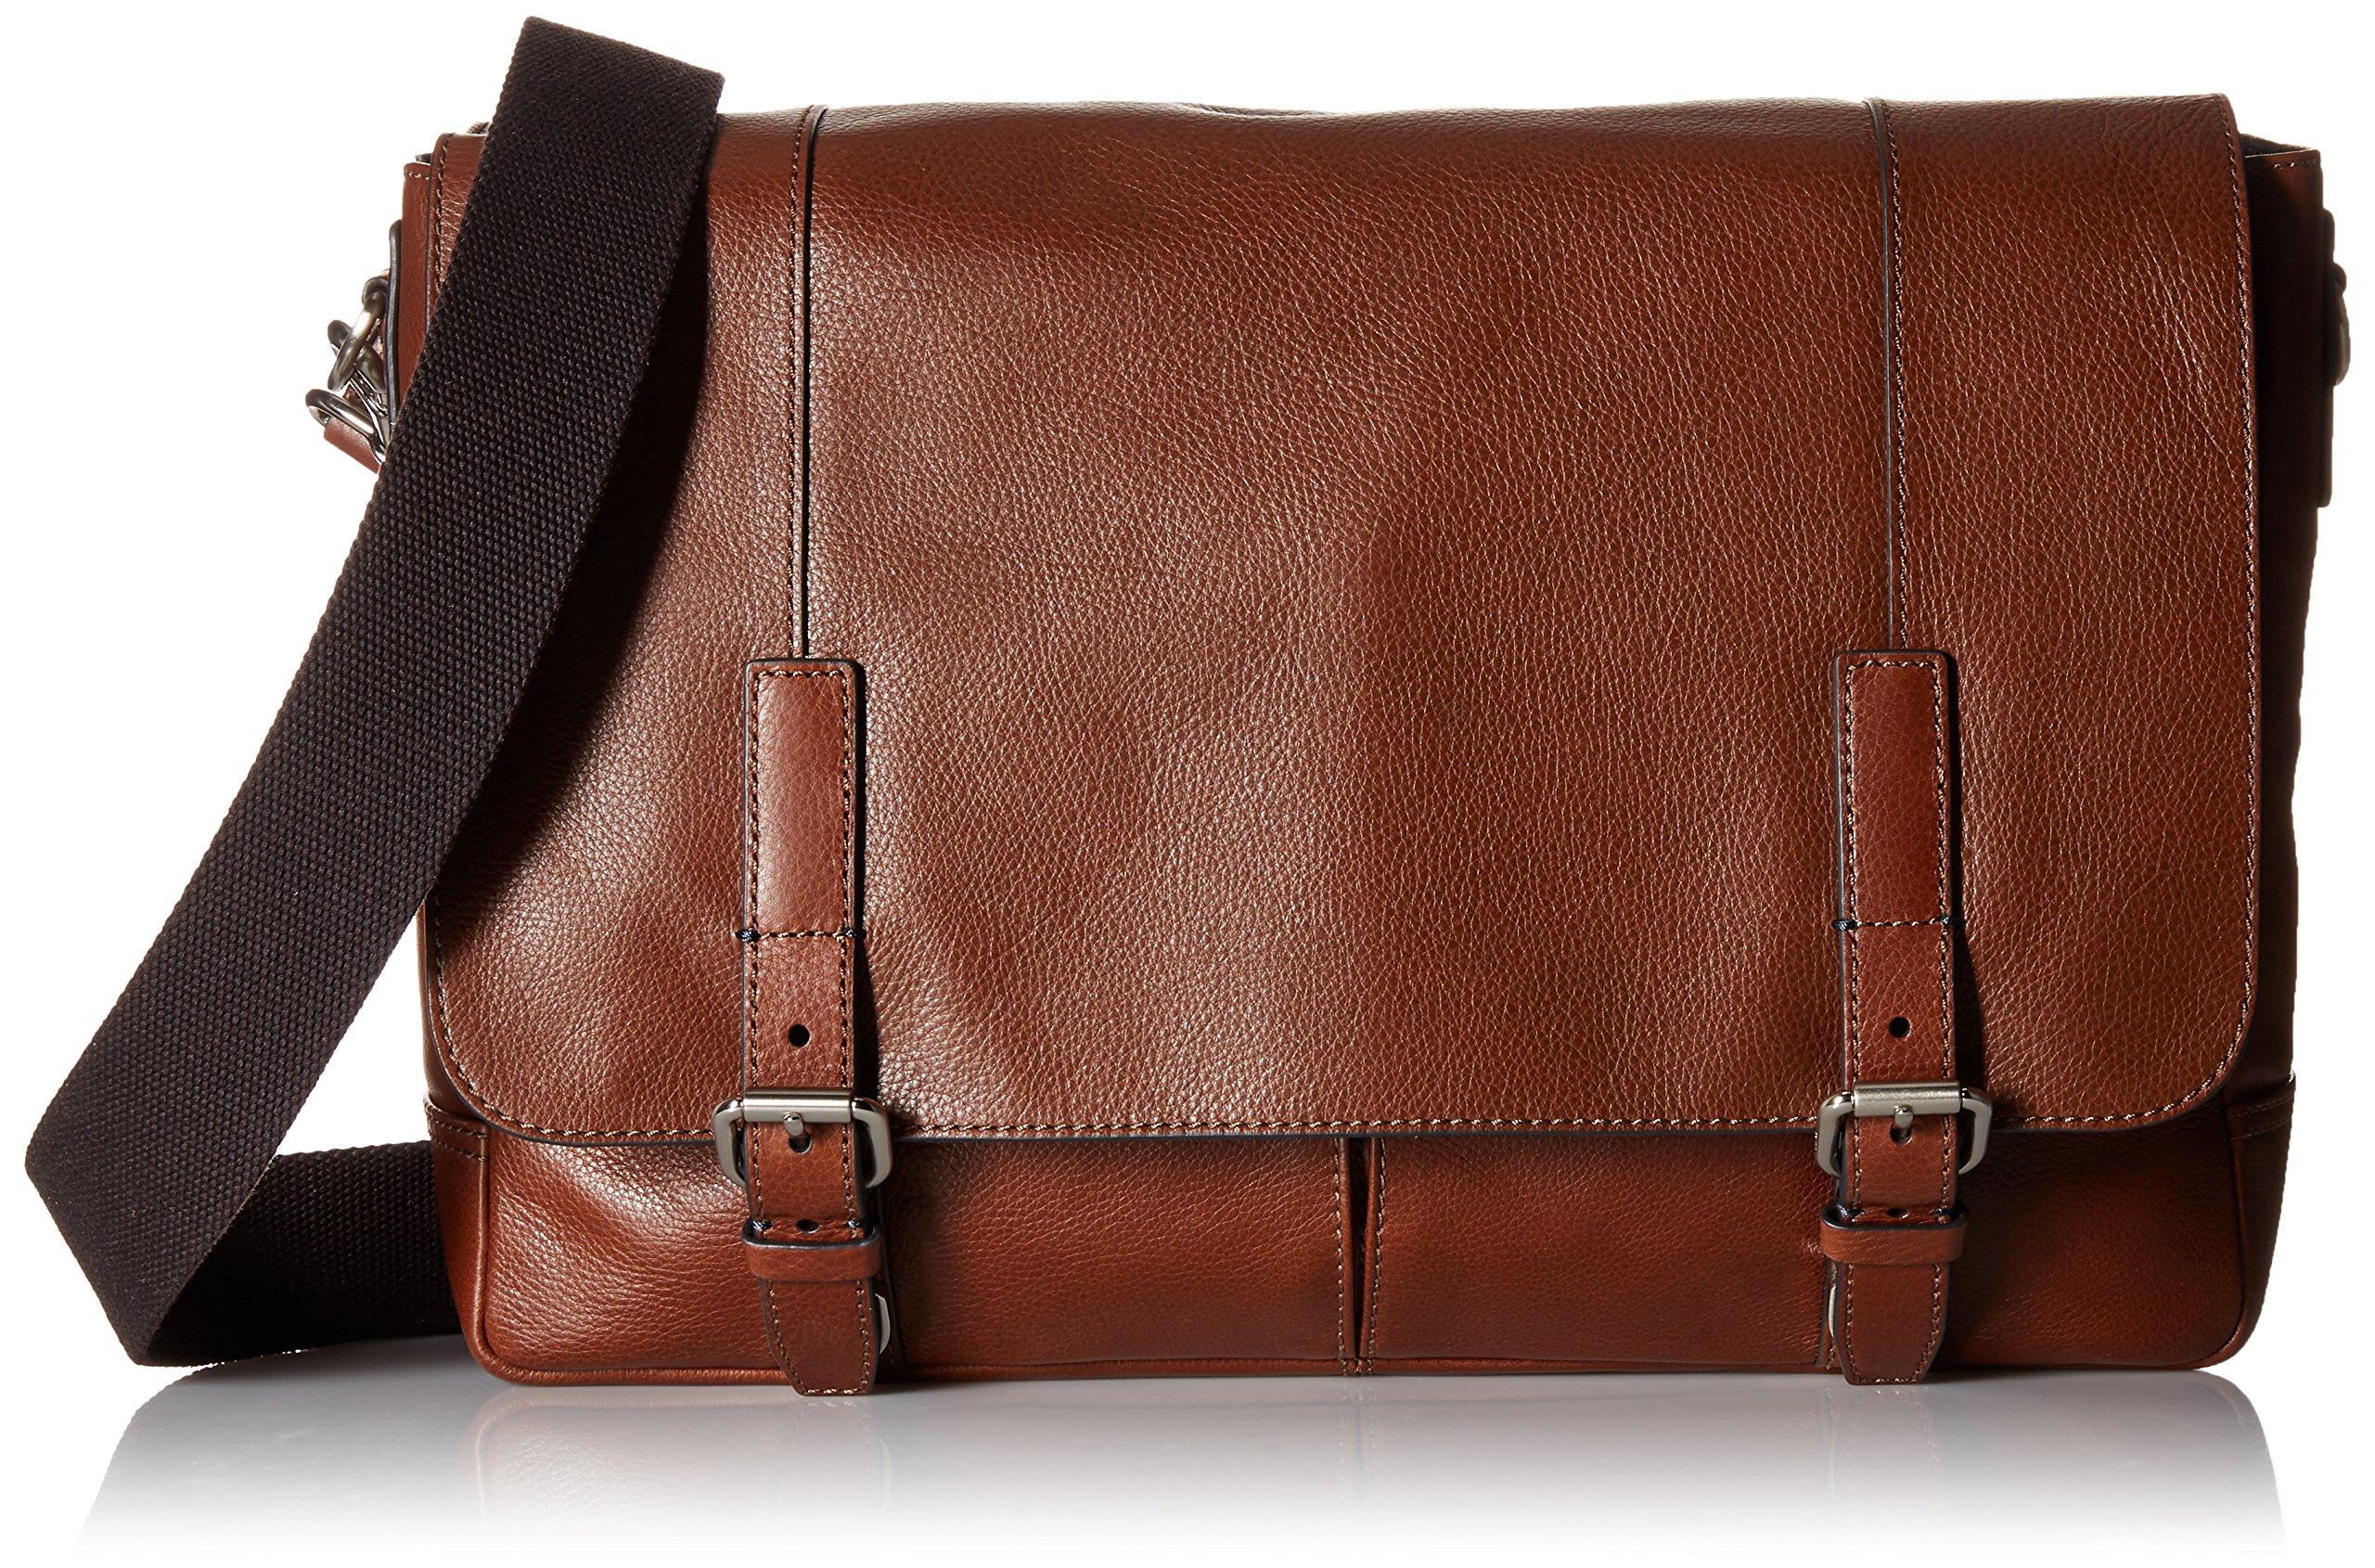 Fossil Graham East West Leather Cognac Messenger Bag, Cognac